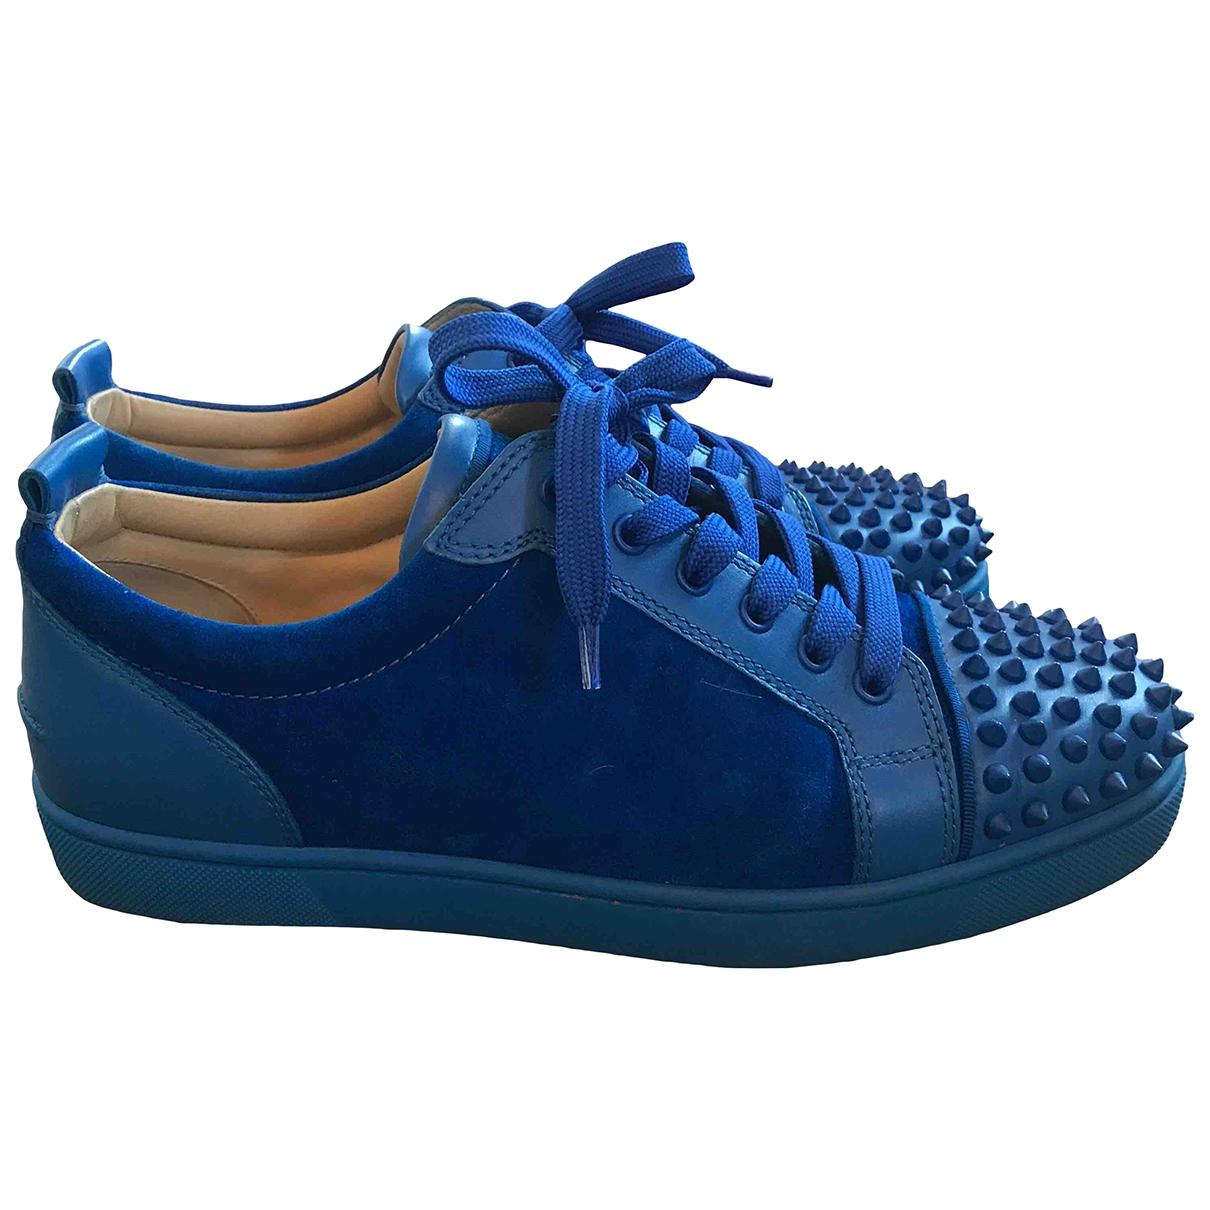 Christian Louboutin - Baskets Louis junior spike pour homme en suede - bleu